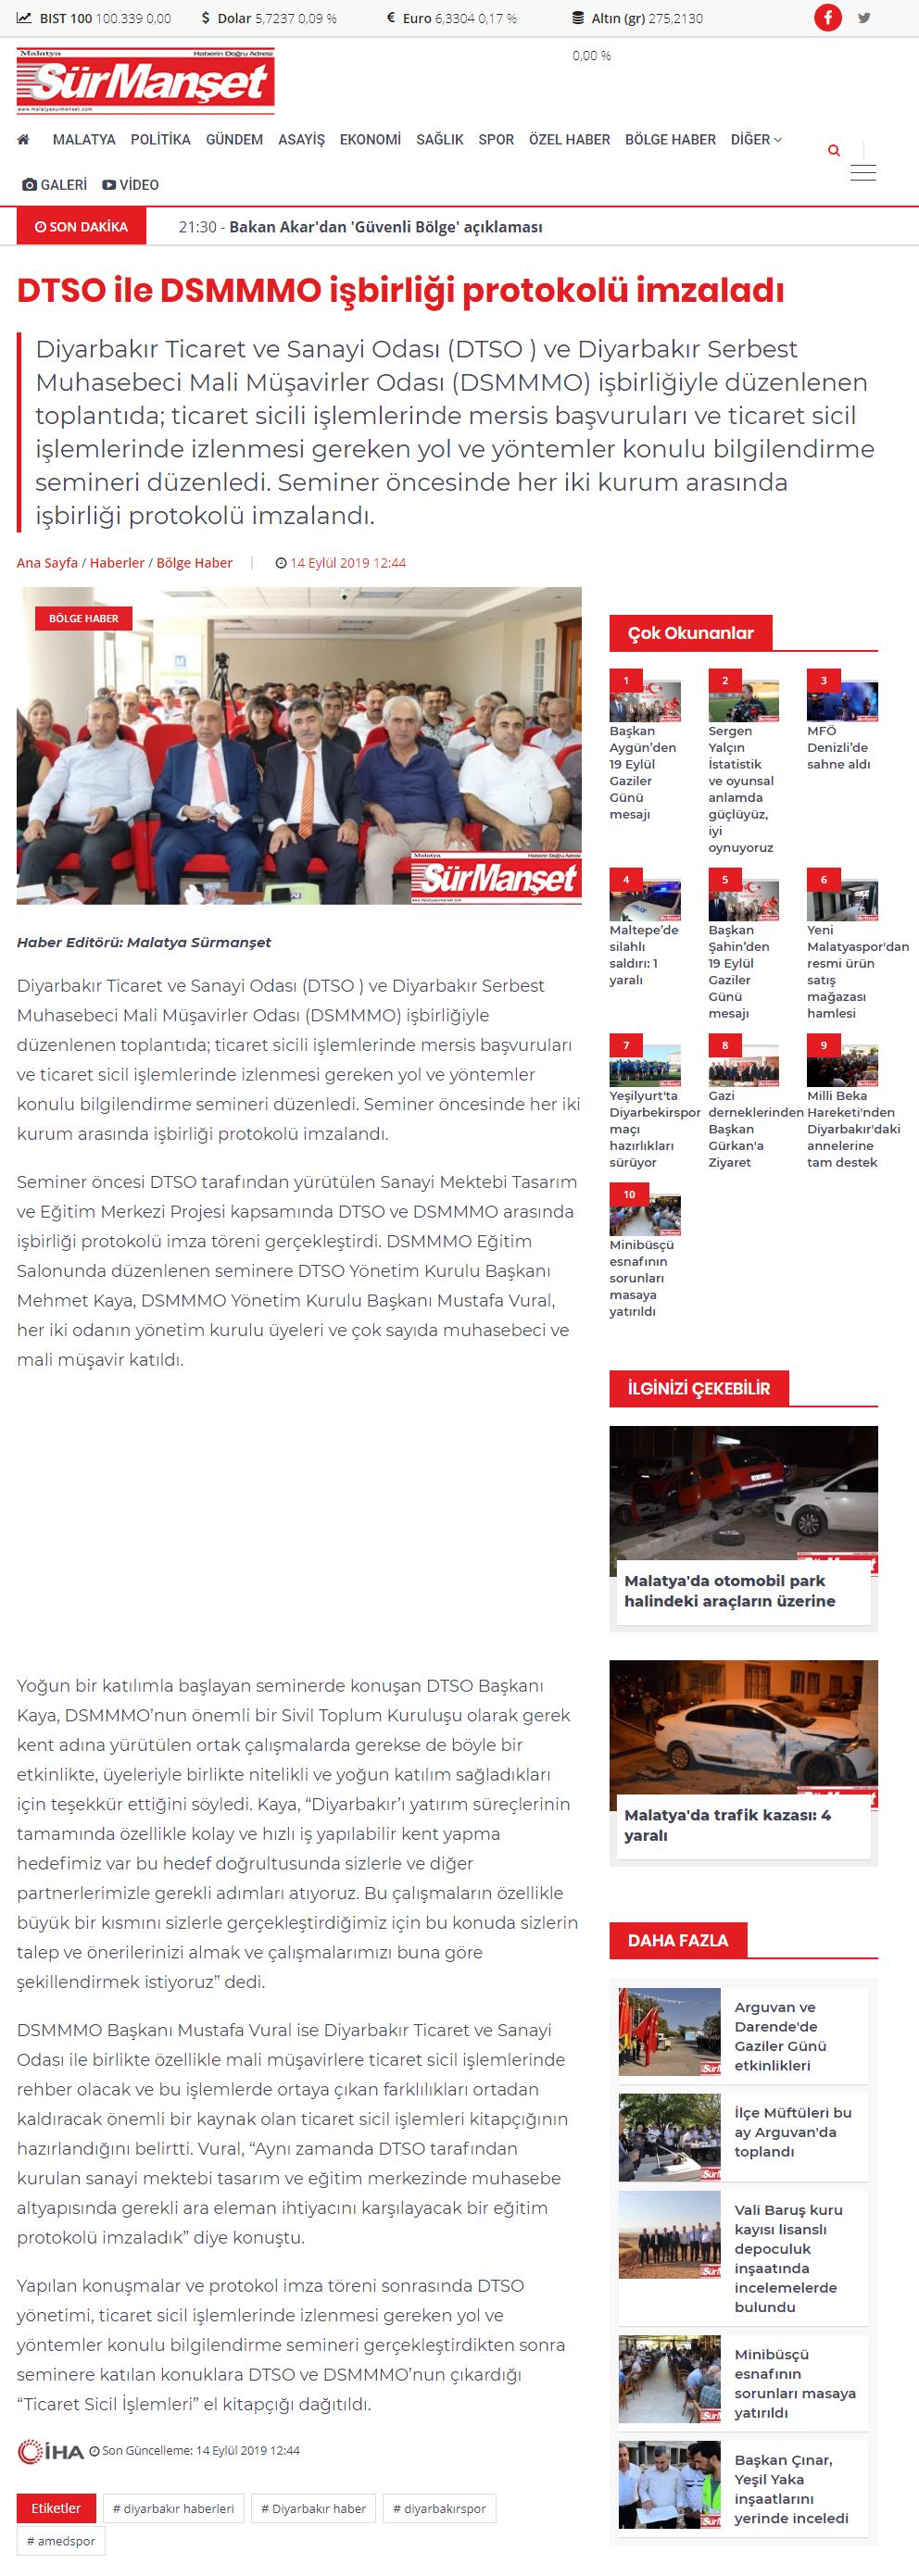 DTSO İLE DSMMMO İŞBİRLİĞİ PROTOKOLÜ İMZALADI (surmanşet.com)